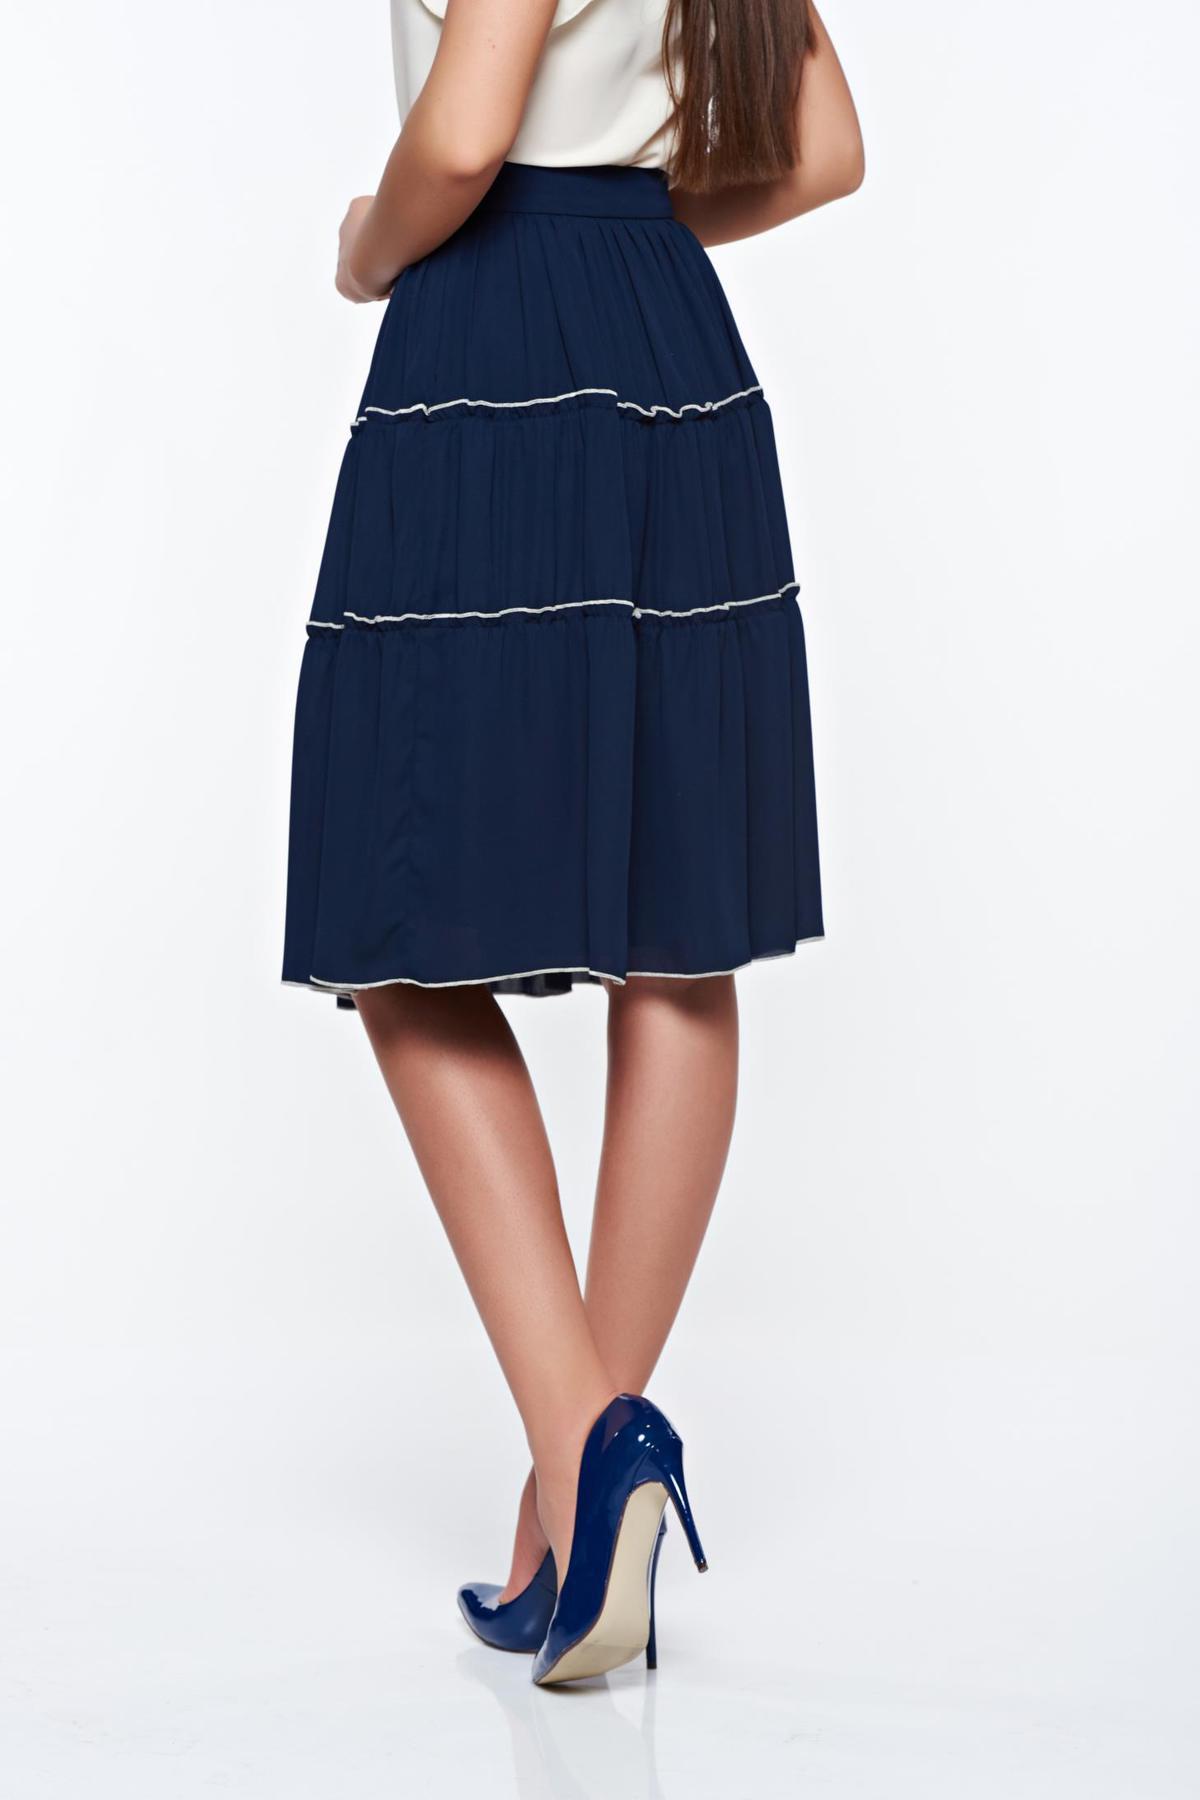 Fusta LaDonna albastra-inchis eleganta in clos cu talie inalta captusita pe interior cu aplicatii cusute manual